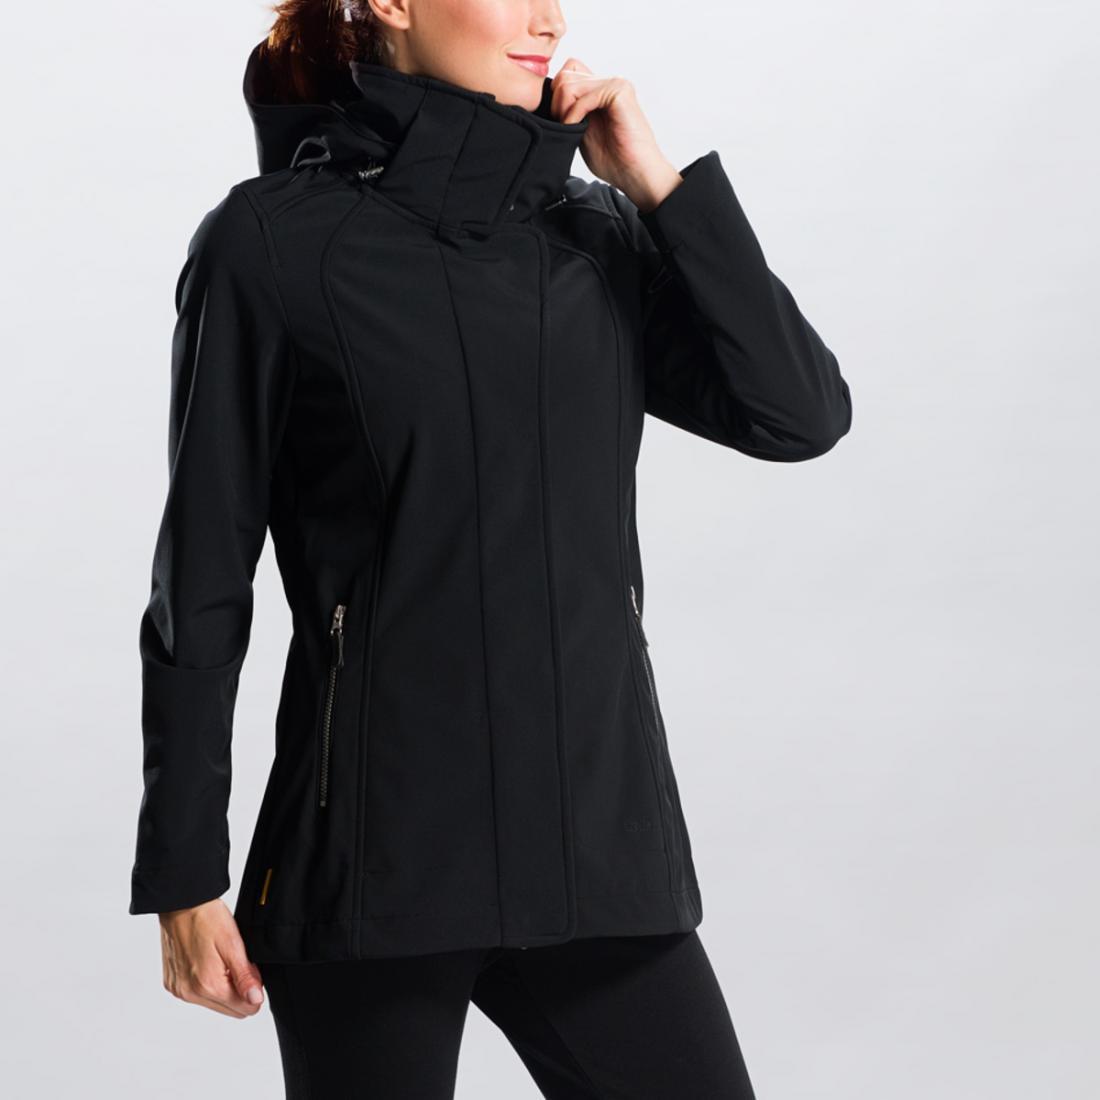 Куртка LUW0191 STUNNING JACKETКуртки<br>Легкий демисезонный плащ из софтшела с оригинальным принтом – функциональная и женственная вещь. <br> <br><br>Регулировки сзади на талии.<br>Воротник-стоечка.<br>Съемный капюшон со стяжками.<br>Два кармана на молнии.&lt;/li...<br><br>Цвет: Черный<br>Размер: XL